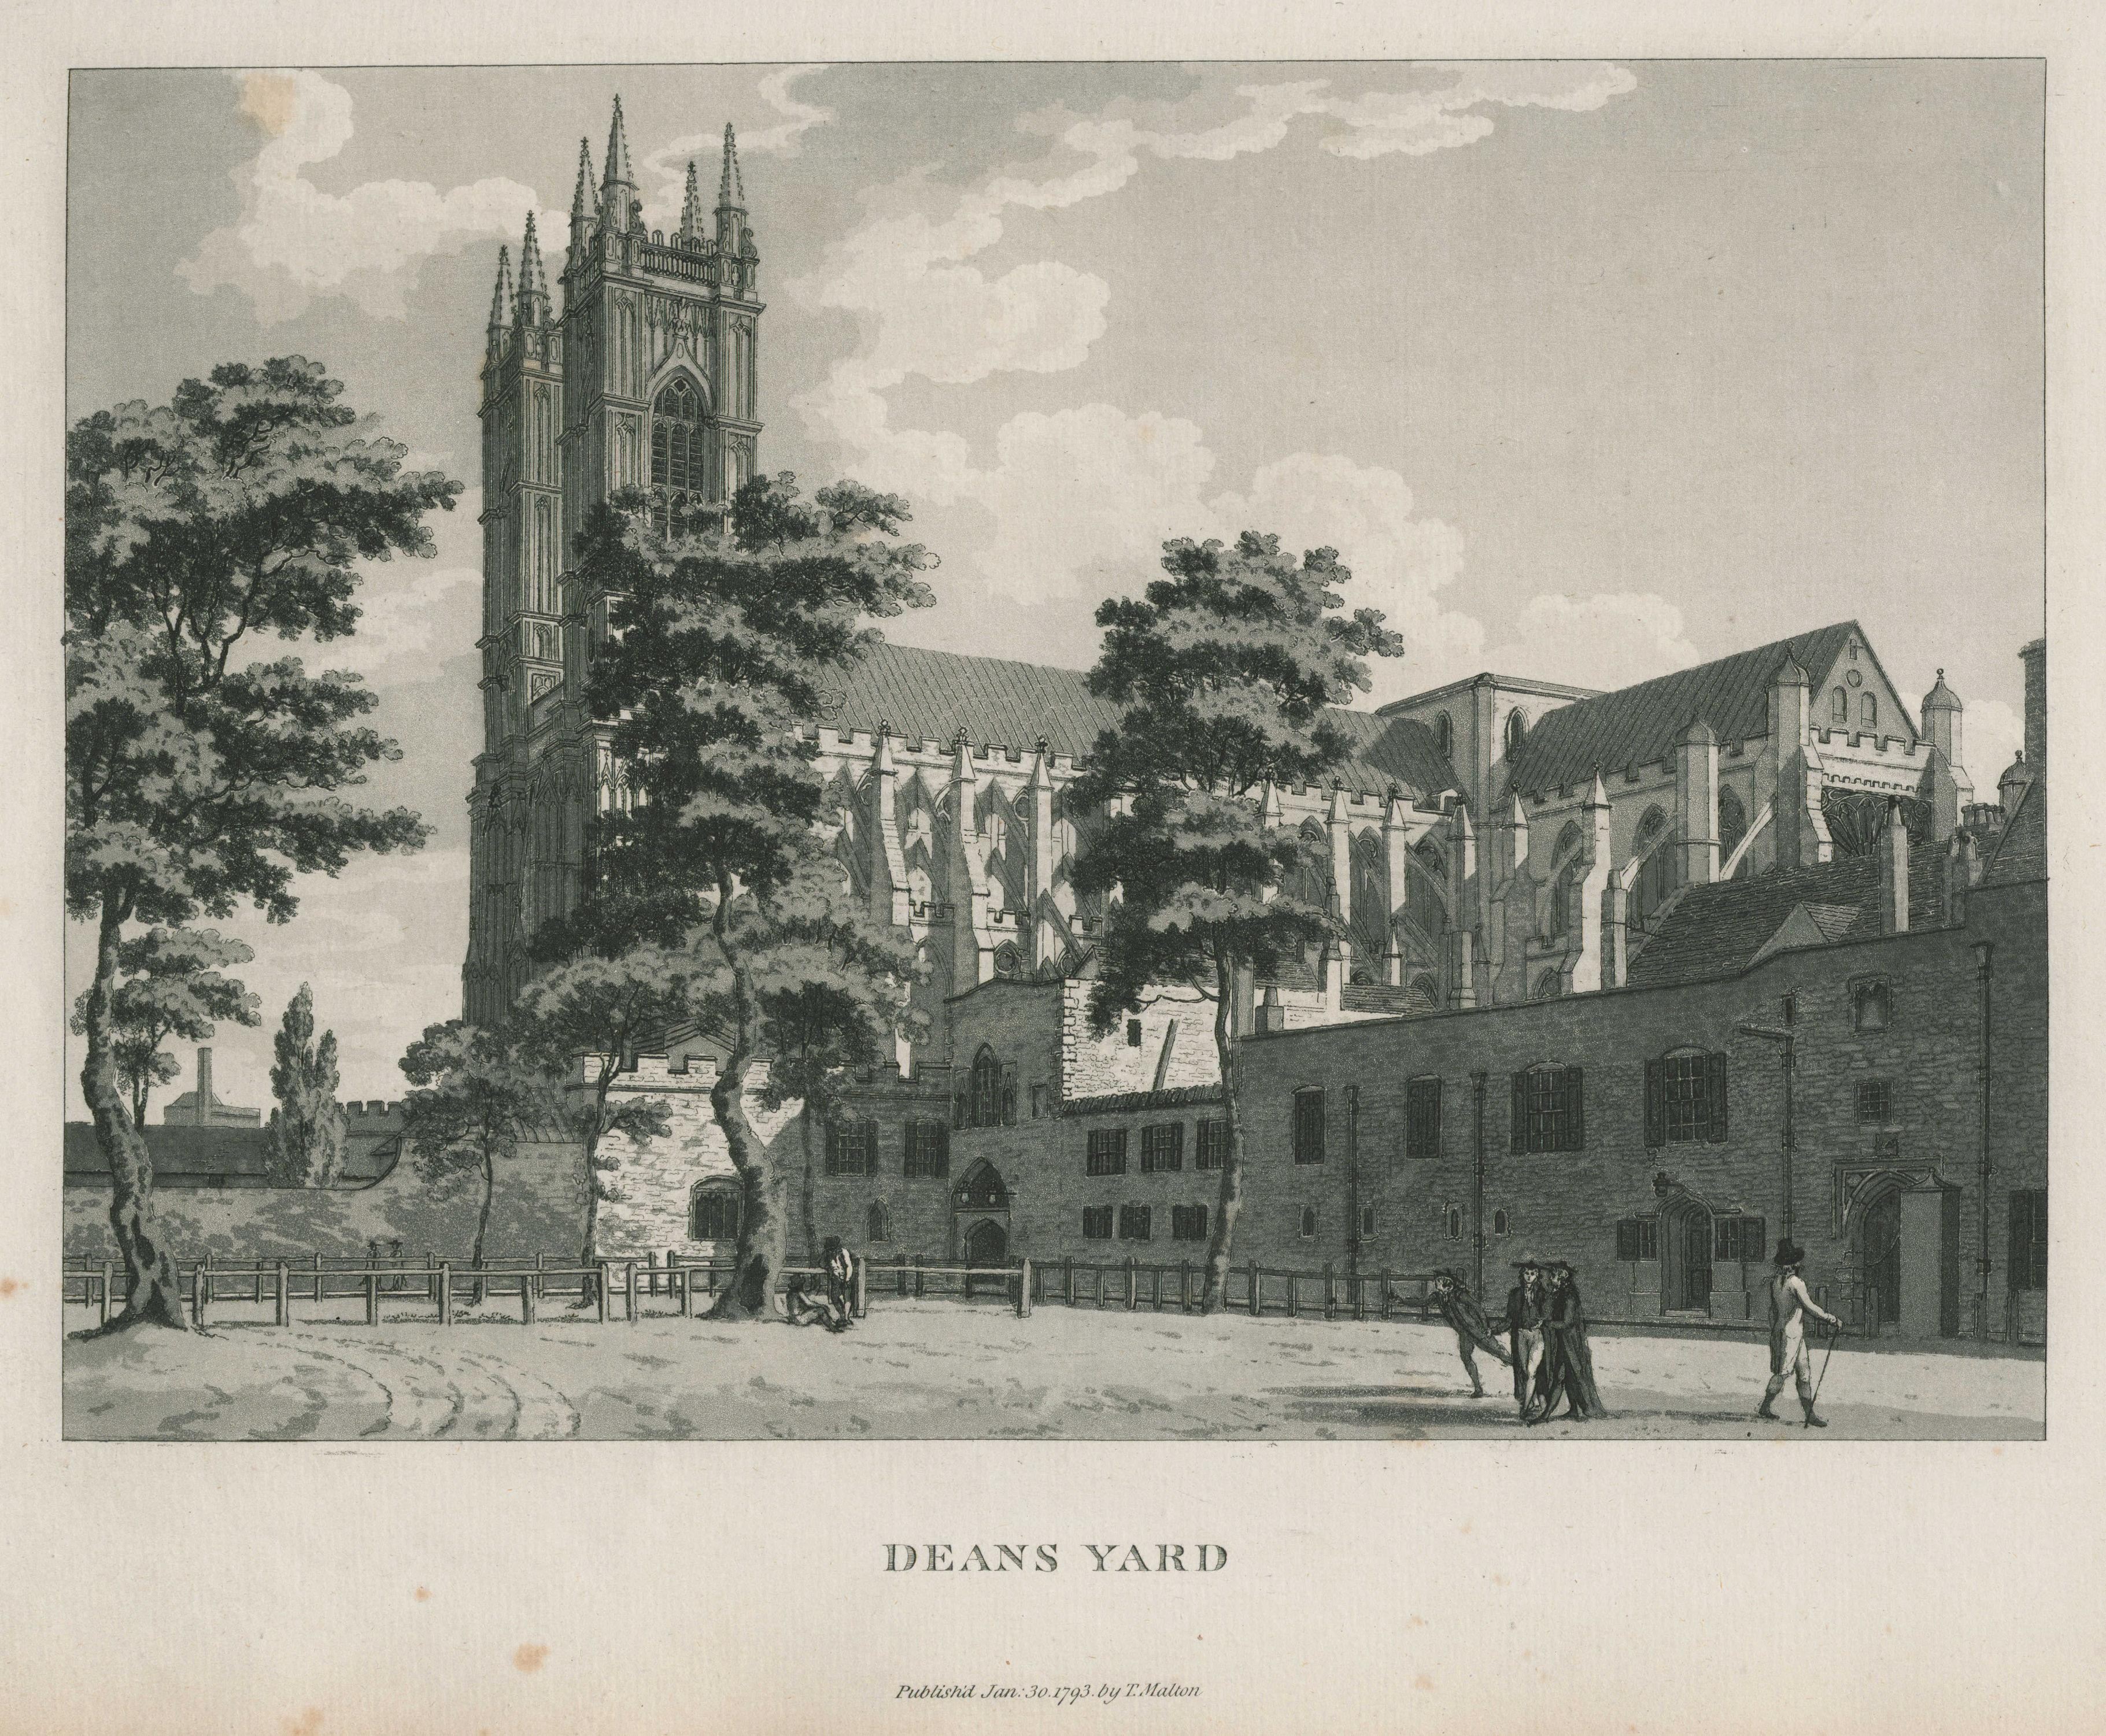 006 - Malton - Deans Yard